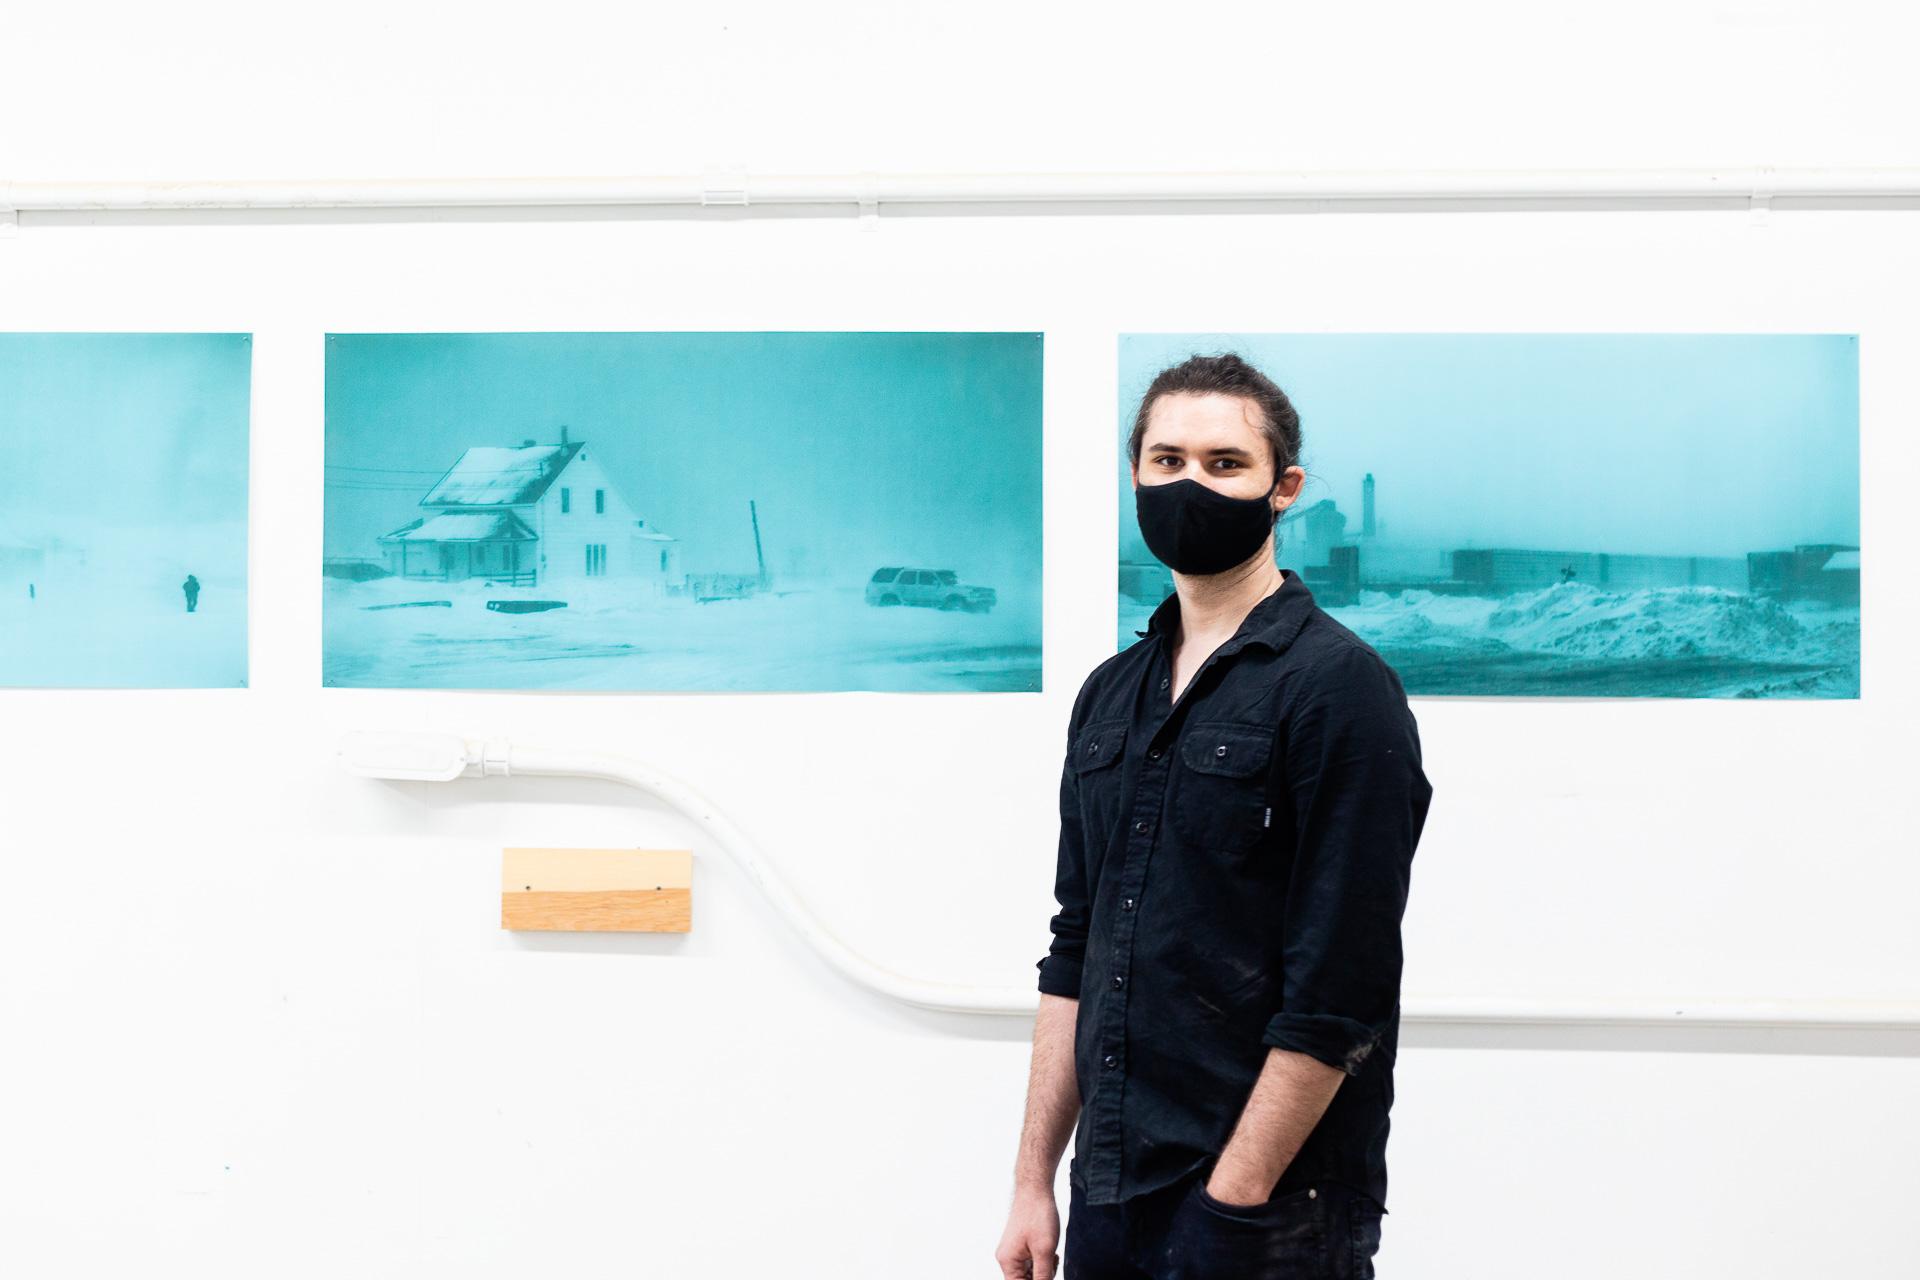 Crédit : Geneviève Thibault. Marvin Serandrei, l'un des deux étudiants sélectionnés pour une résidence artistique à Salon58 prévue début octobre. <br />